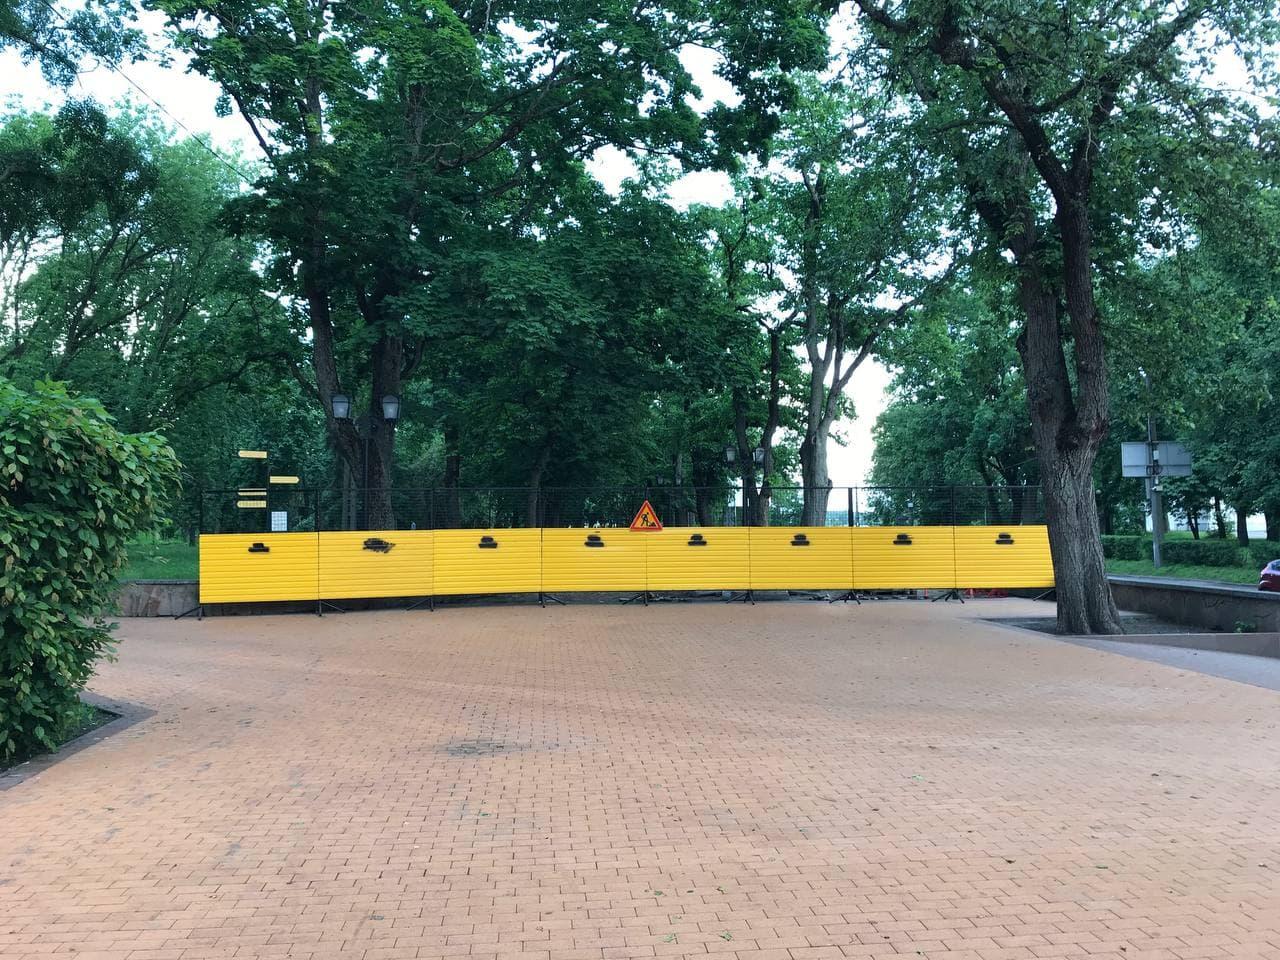 Ремонт Валу коштуватиме Чернігову майже 290 мільйонів гривень (Фото)